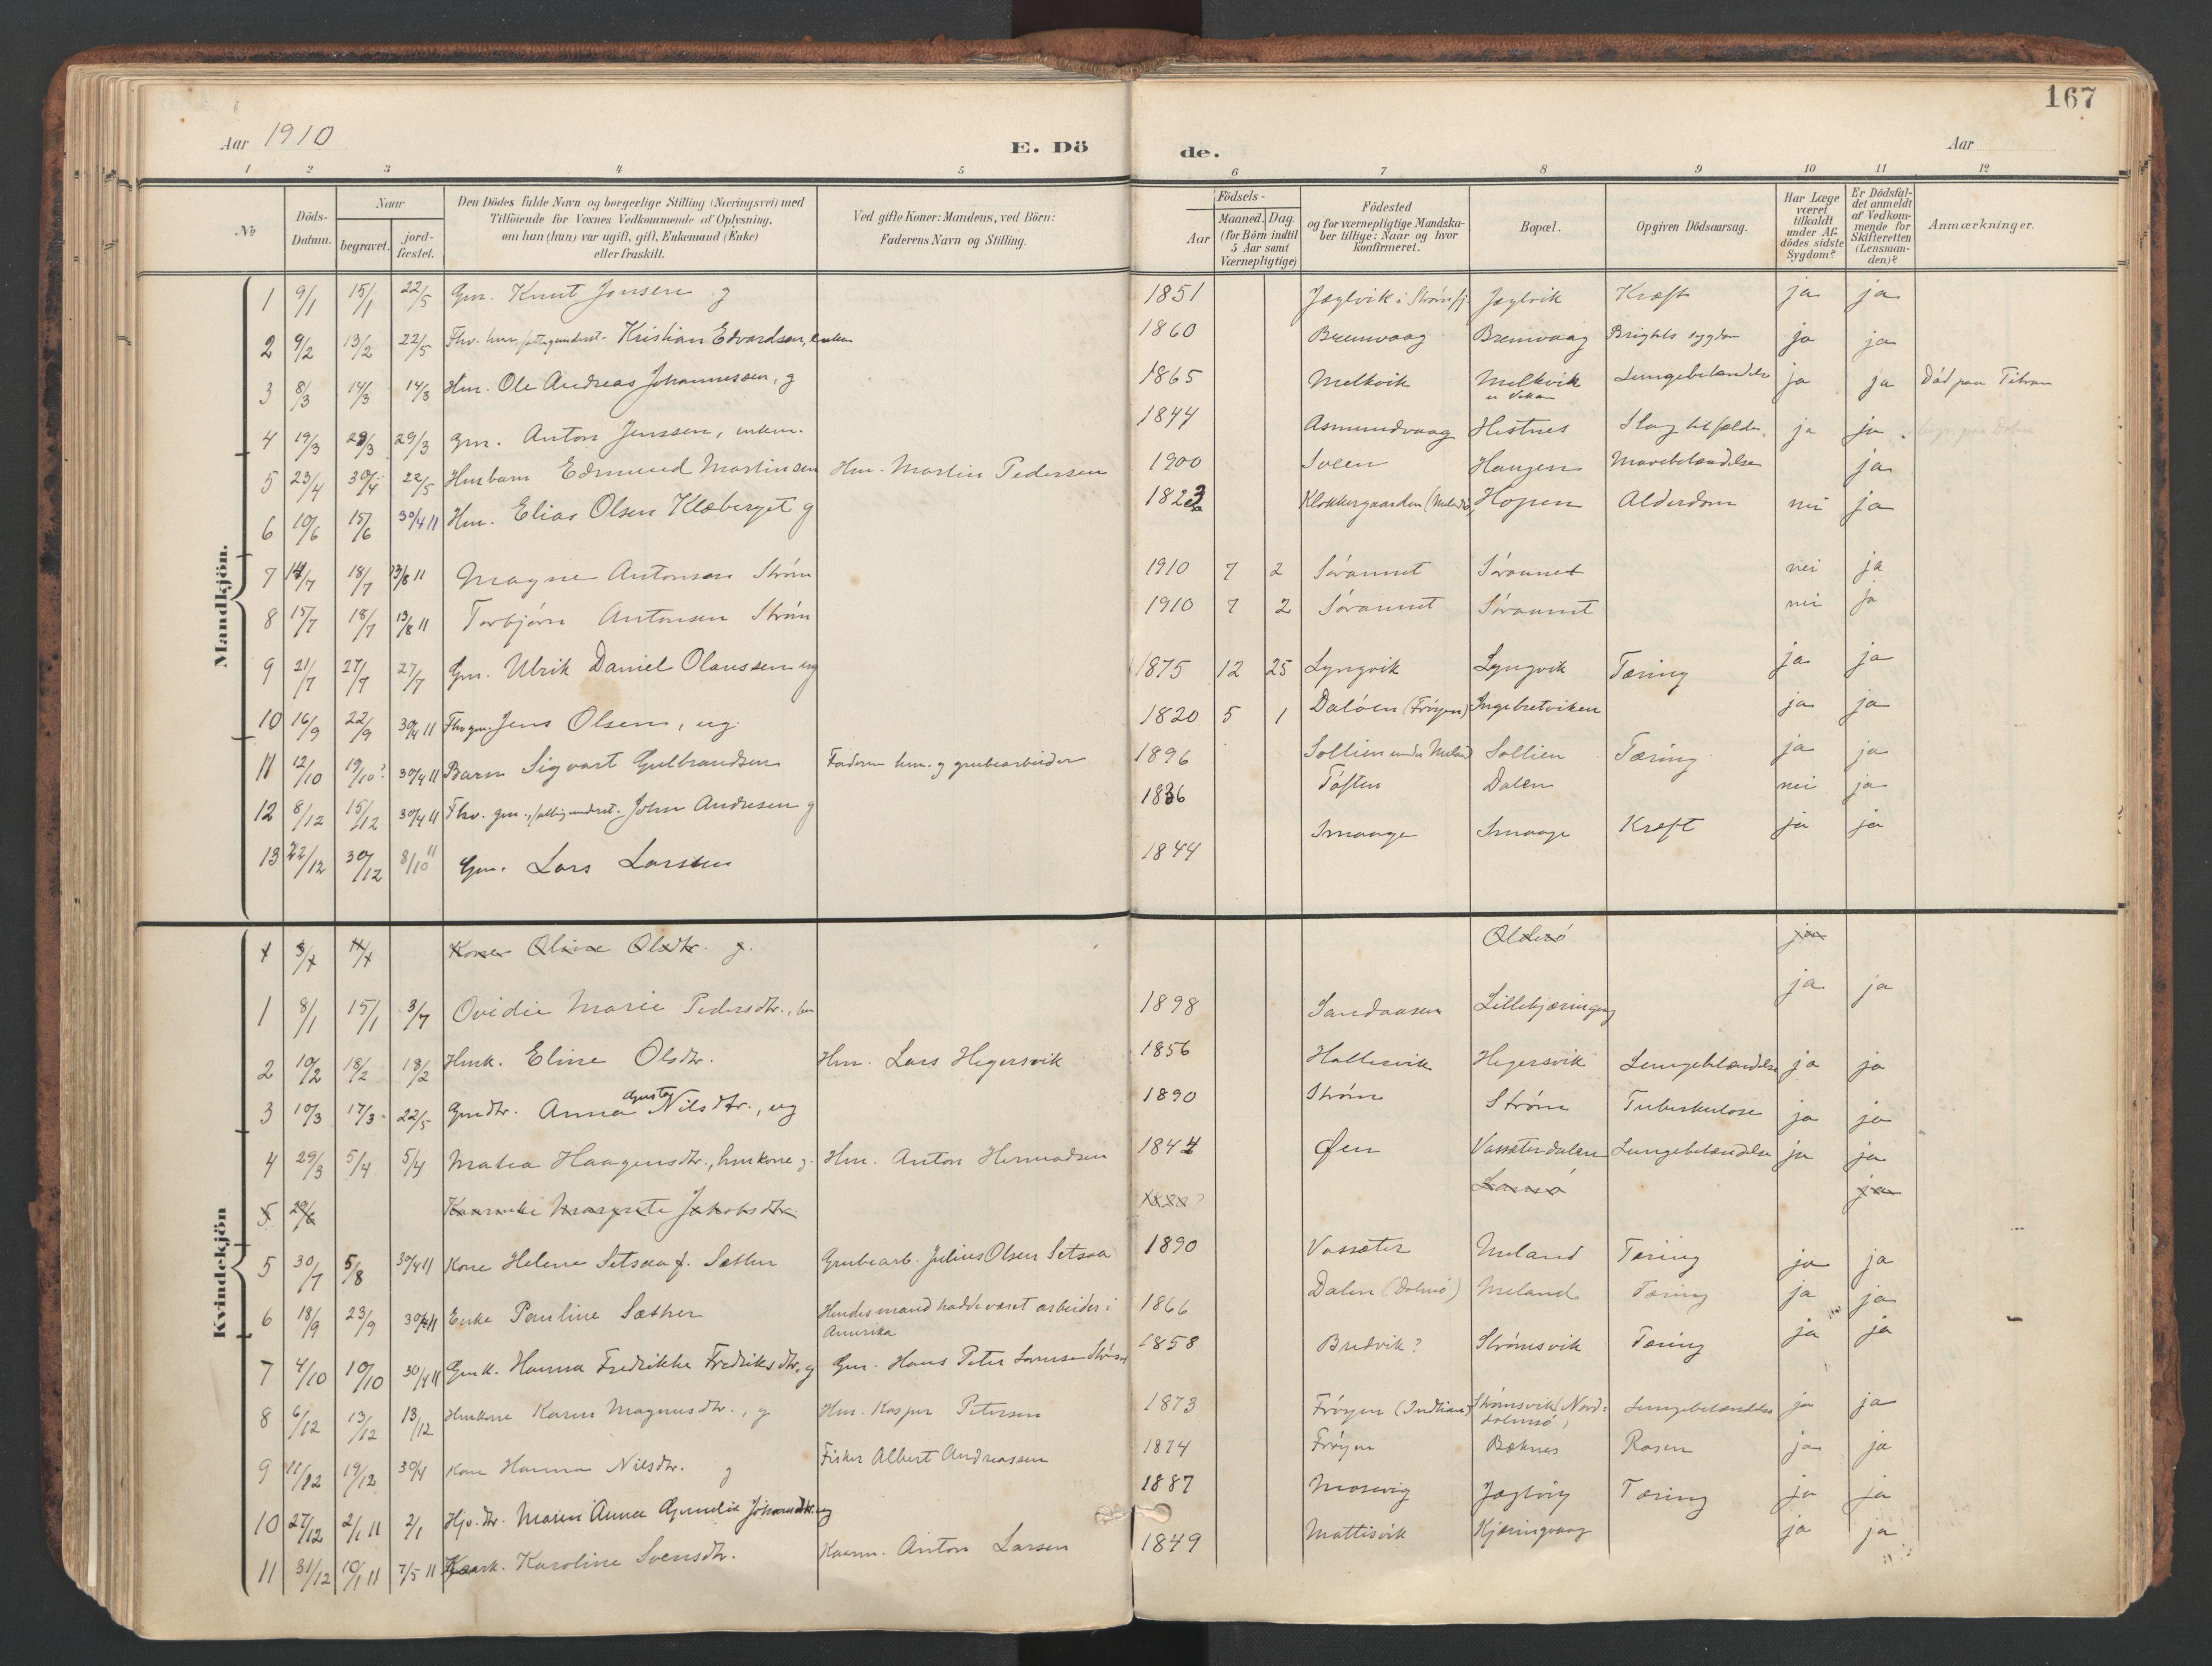 SAT, Ministerialprotokoller, klokkerbøker og fødselsregistre - Sør-Trøndelag, 634/L0537: Ministerialbok nr. 634A13, 1896-1922, s. 167